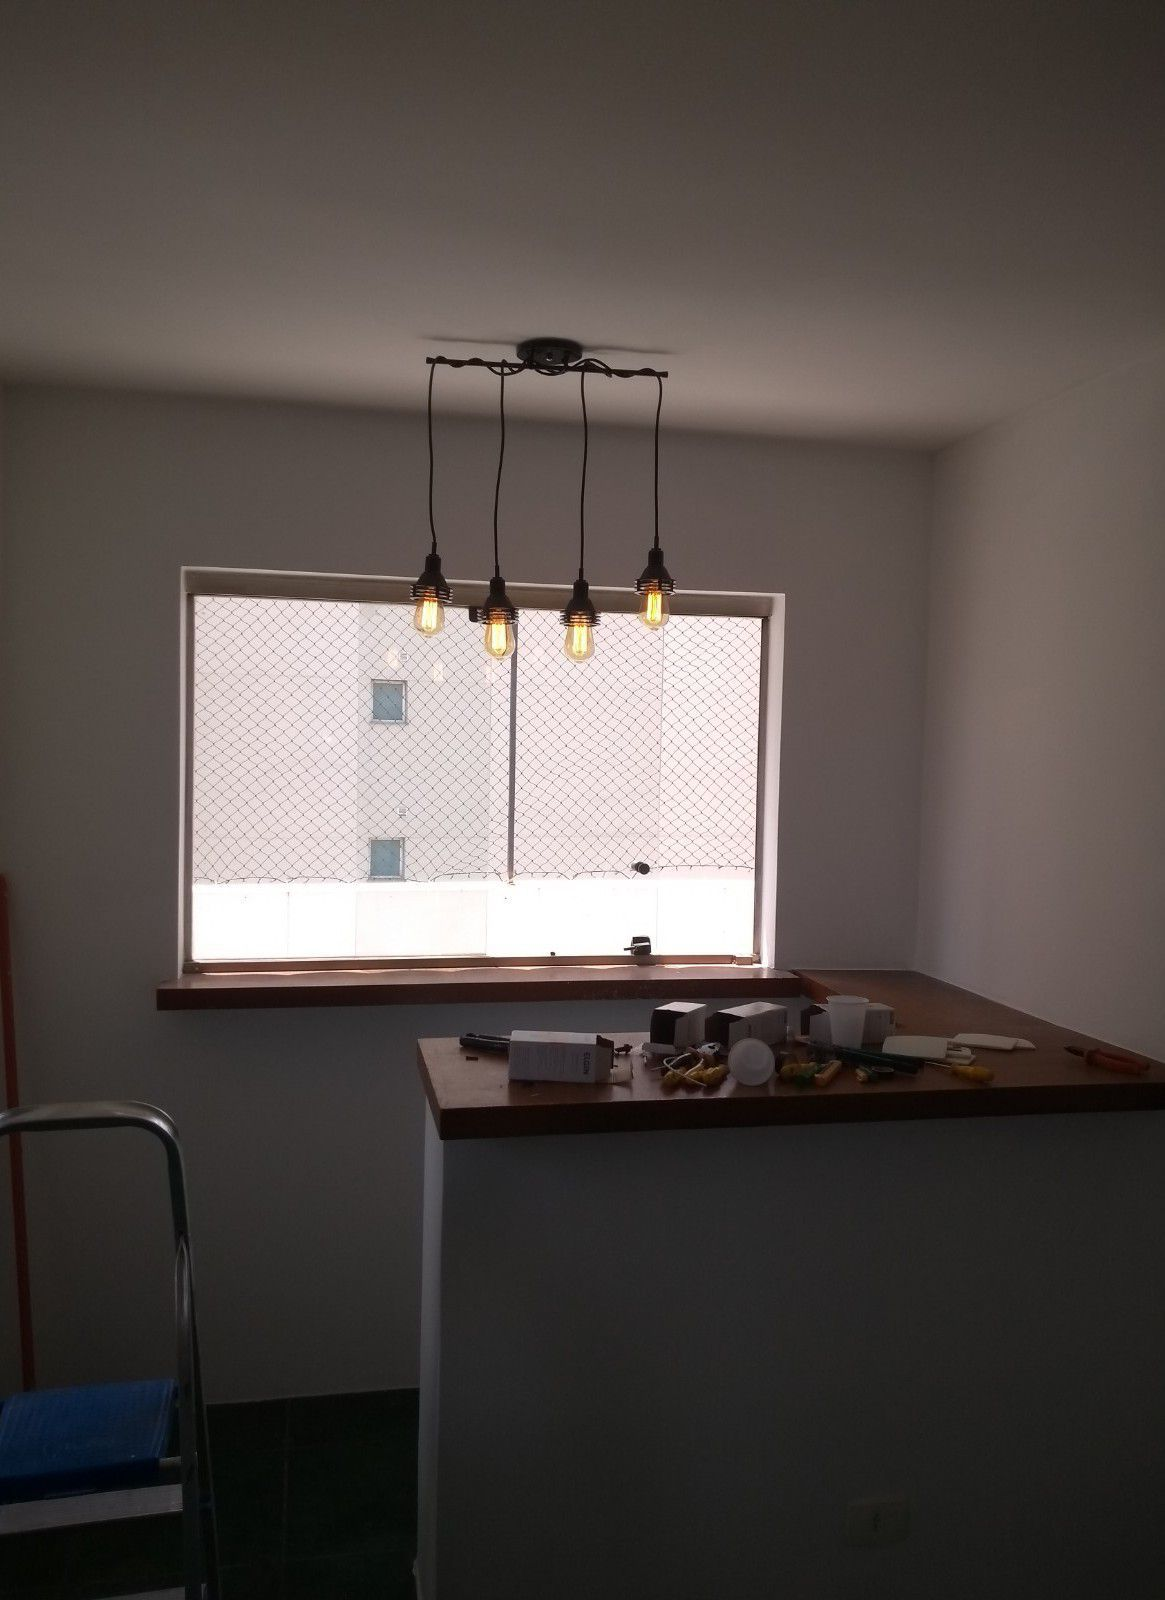 instalação luminárias